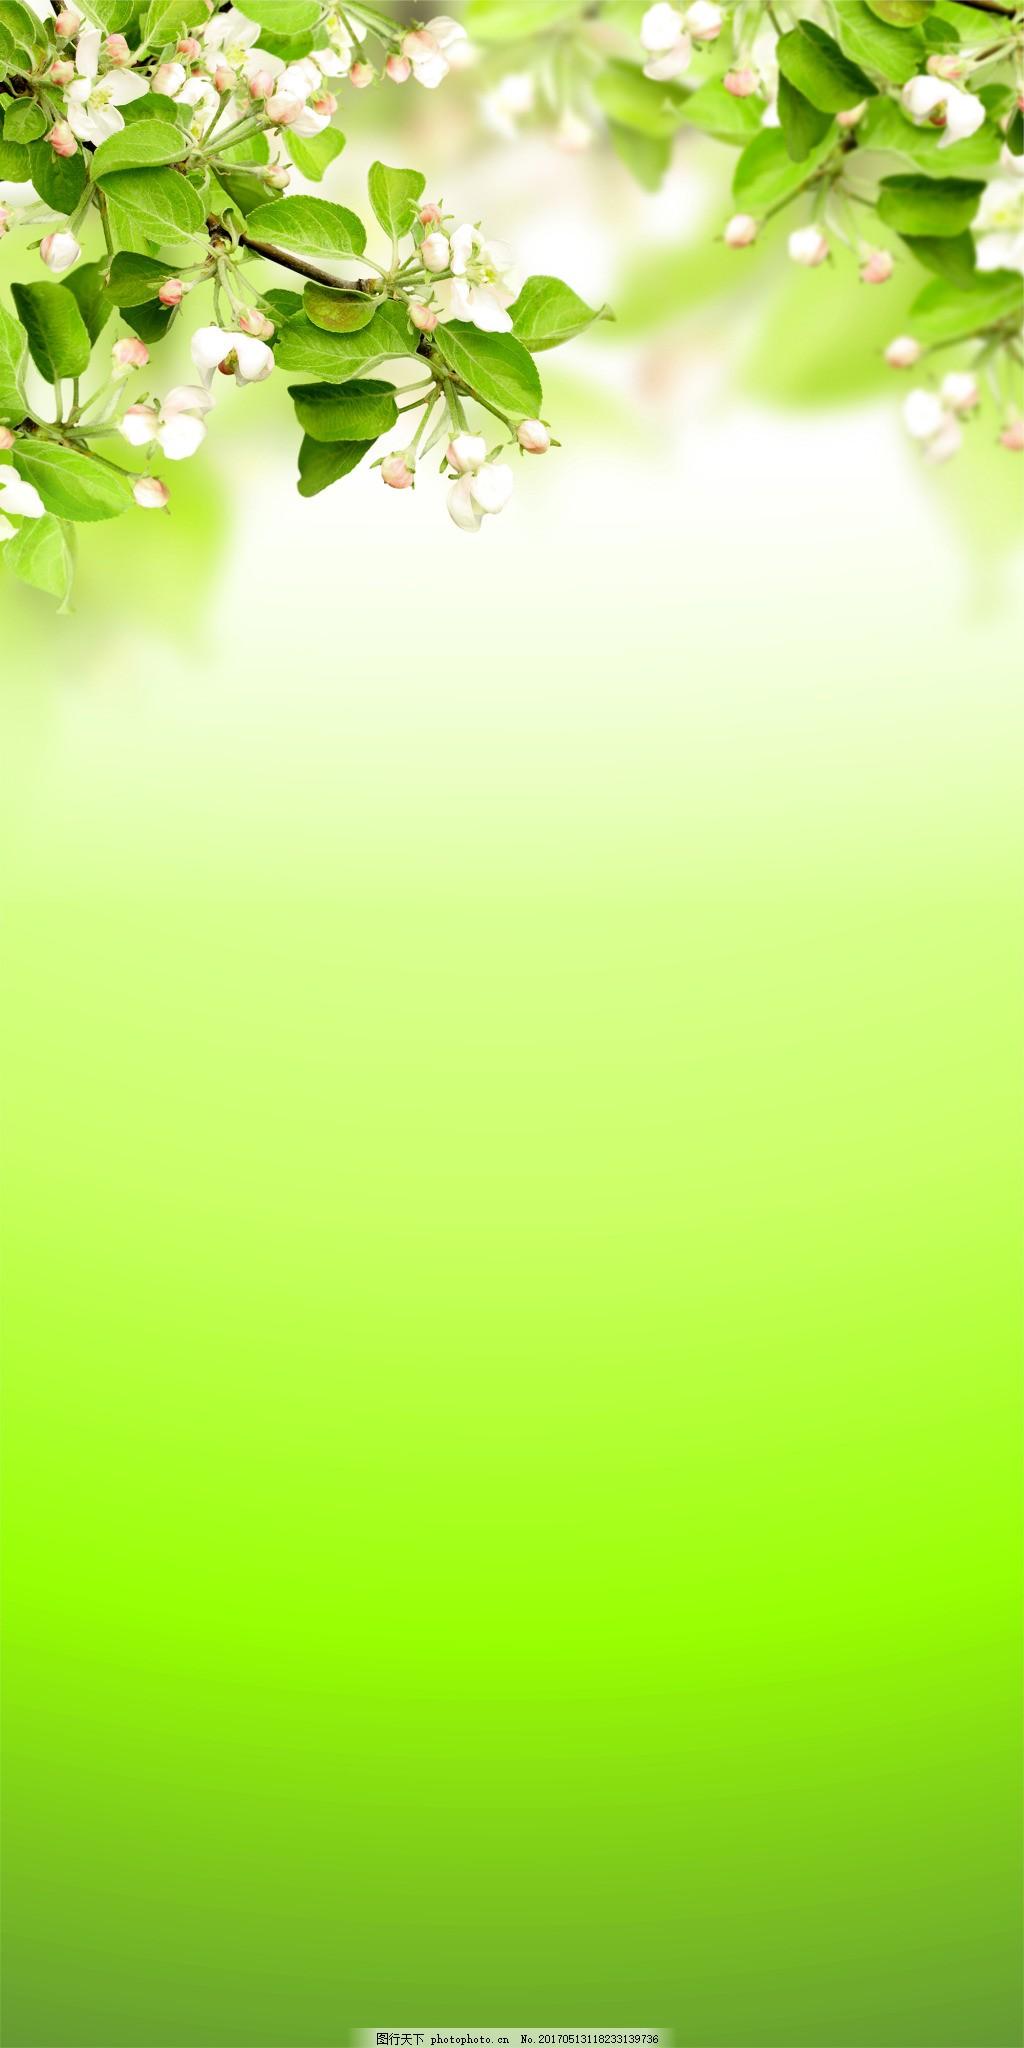 清新绿叶花朵背景 手绘 绿色 清新 树叶 白色 花朵 渐变 背景